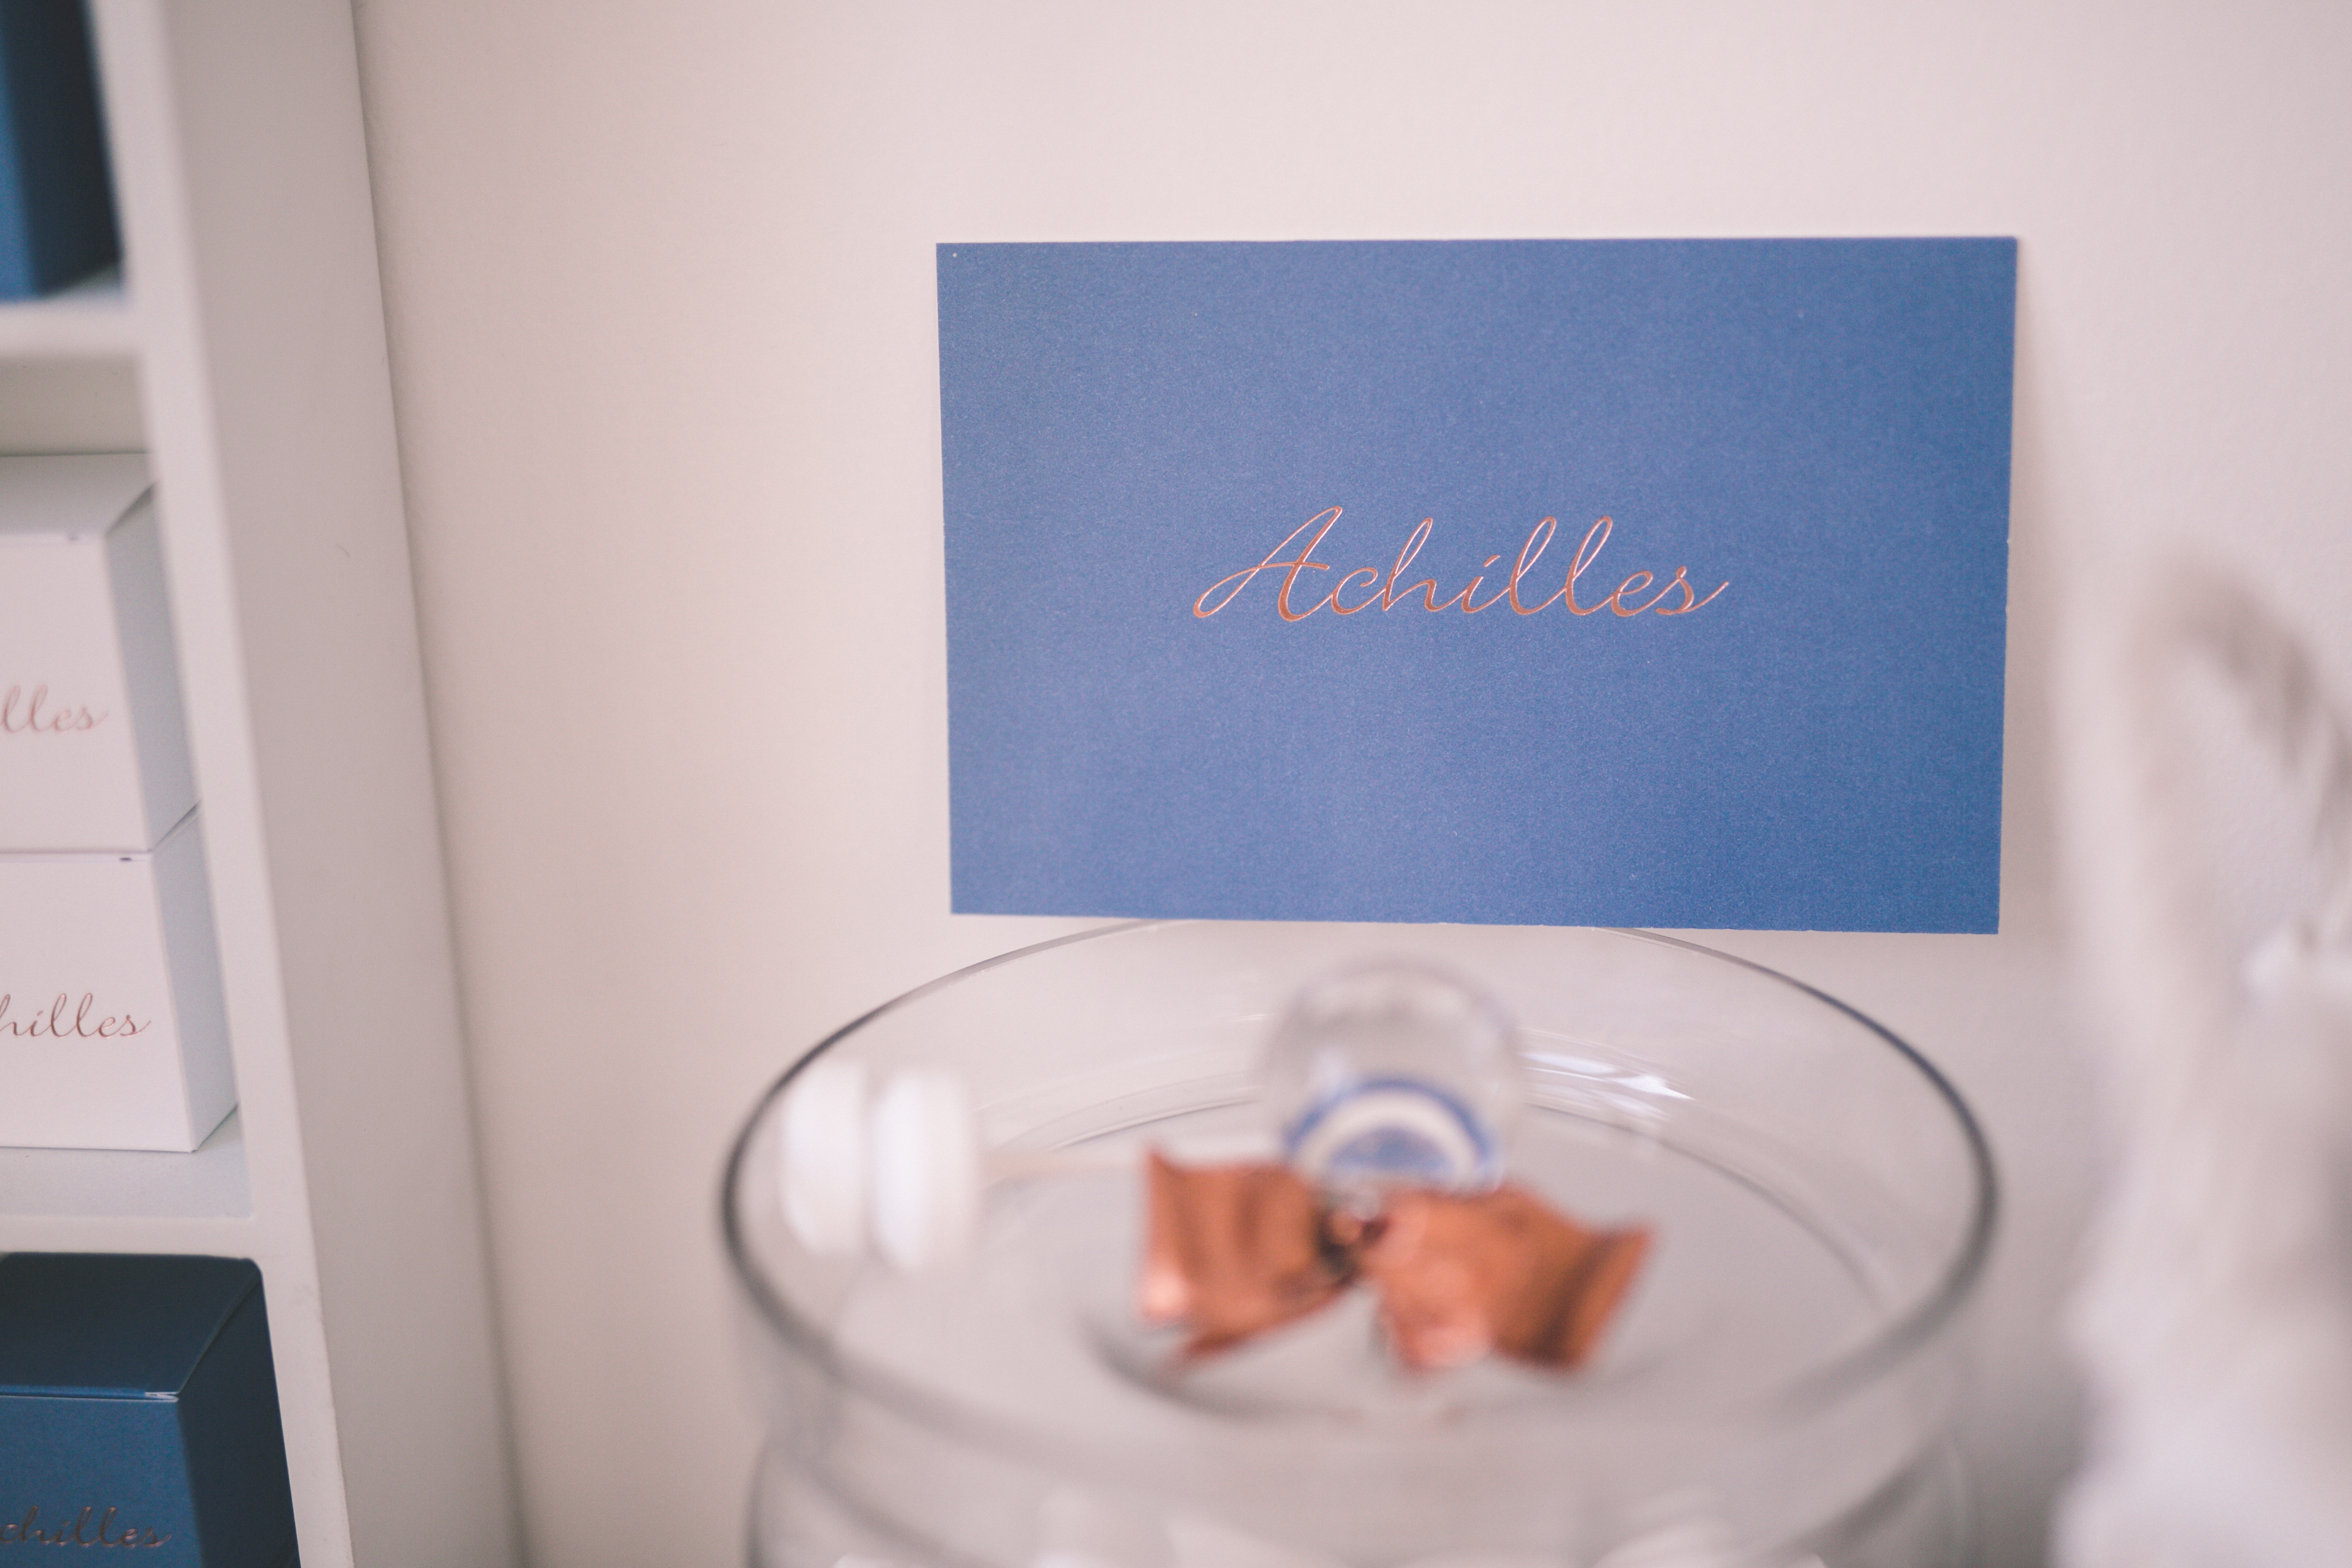 Achilles-9331